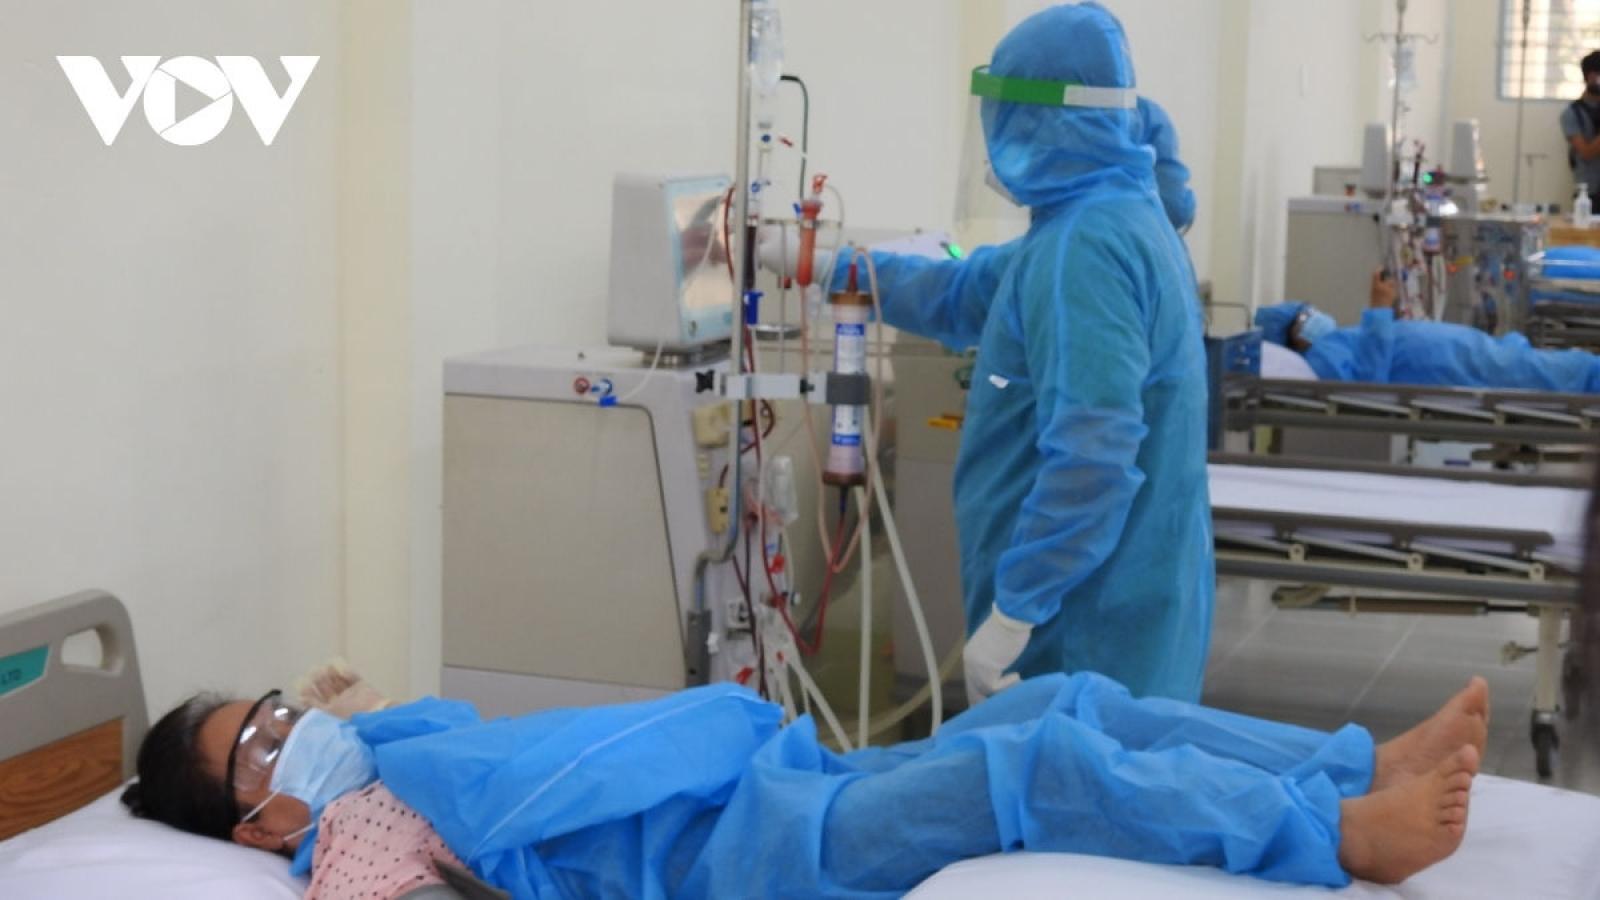 Coronavirus hotspot sees sharp decrease in death rate